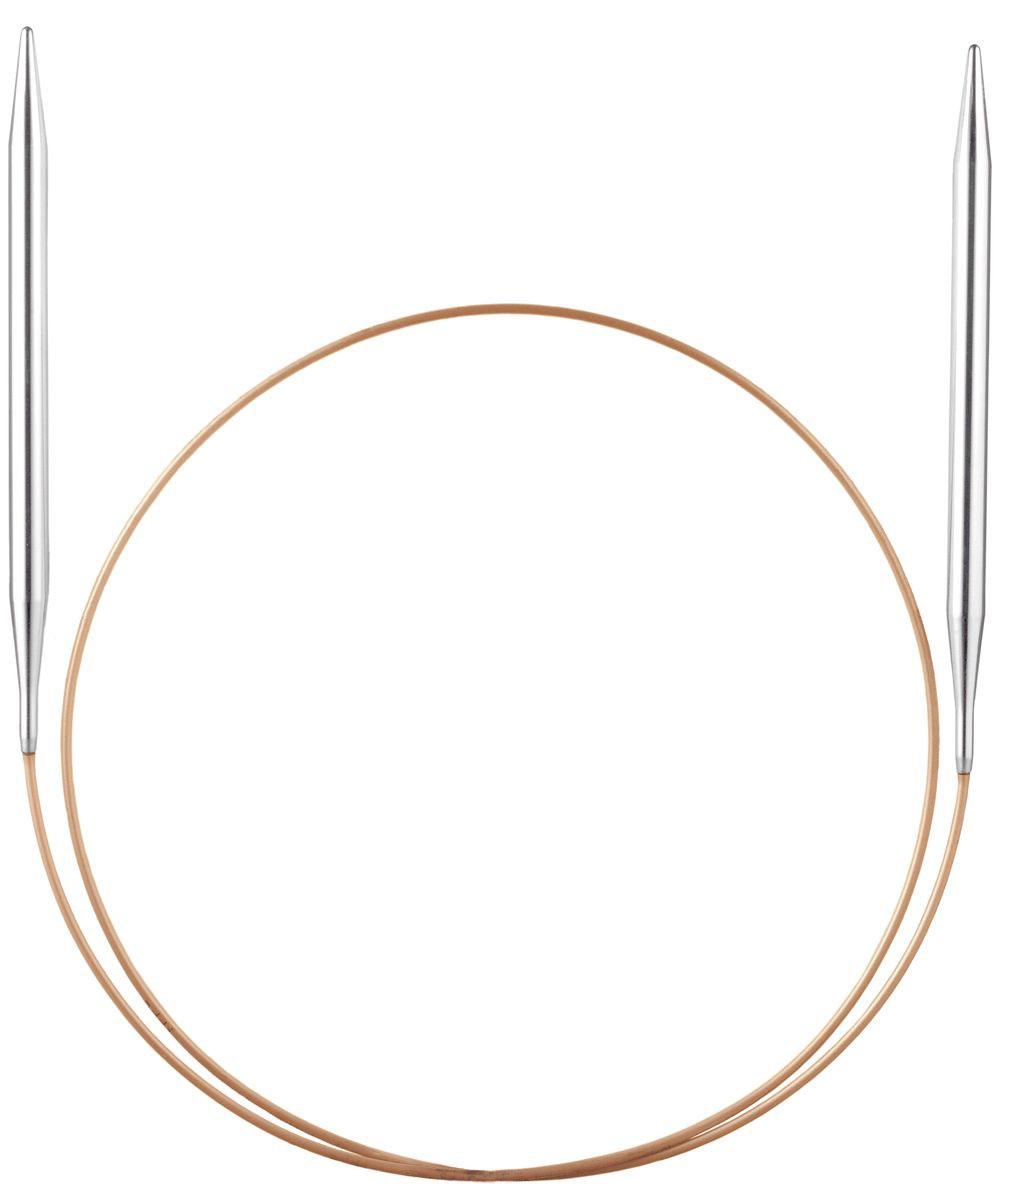 Спицы круговые Addi, супергладкие, диаметр 6,5 мм, длина 80 см105-7/6.5-80Спицы Addi, изготовленные из никеля, прекрасно подойдут для вязания изделий без швов. Короткими круговыми спицами вяжут бейки горловины, шапки и варежки, длинными спицами можно вязать по кругу целые модели, например, свитера и пуловеры. Полые и очень легкие спицы с удлиненным кончиком скреплены гибкой леской. Гладкое покрытие и тонкие переходы от спицы к леске позволяют пряже легче скользить. Малый вес изделия убережет ваши руки от усталости при вязании. Вы сможете вязать для себя, делать подарки друзьям. Работа, сделанная своими руками, долго будет радовать вас и ваших близких.